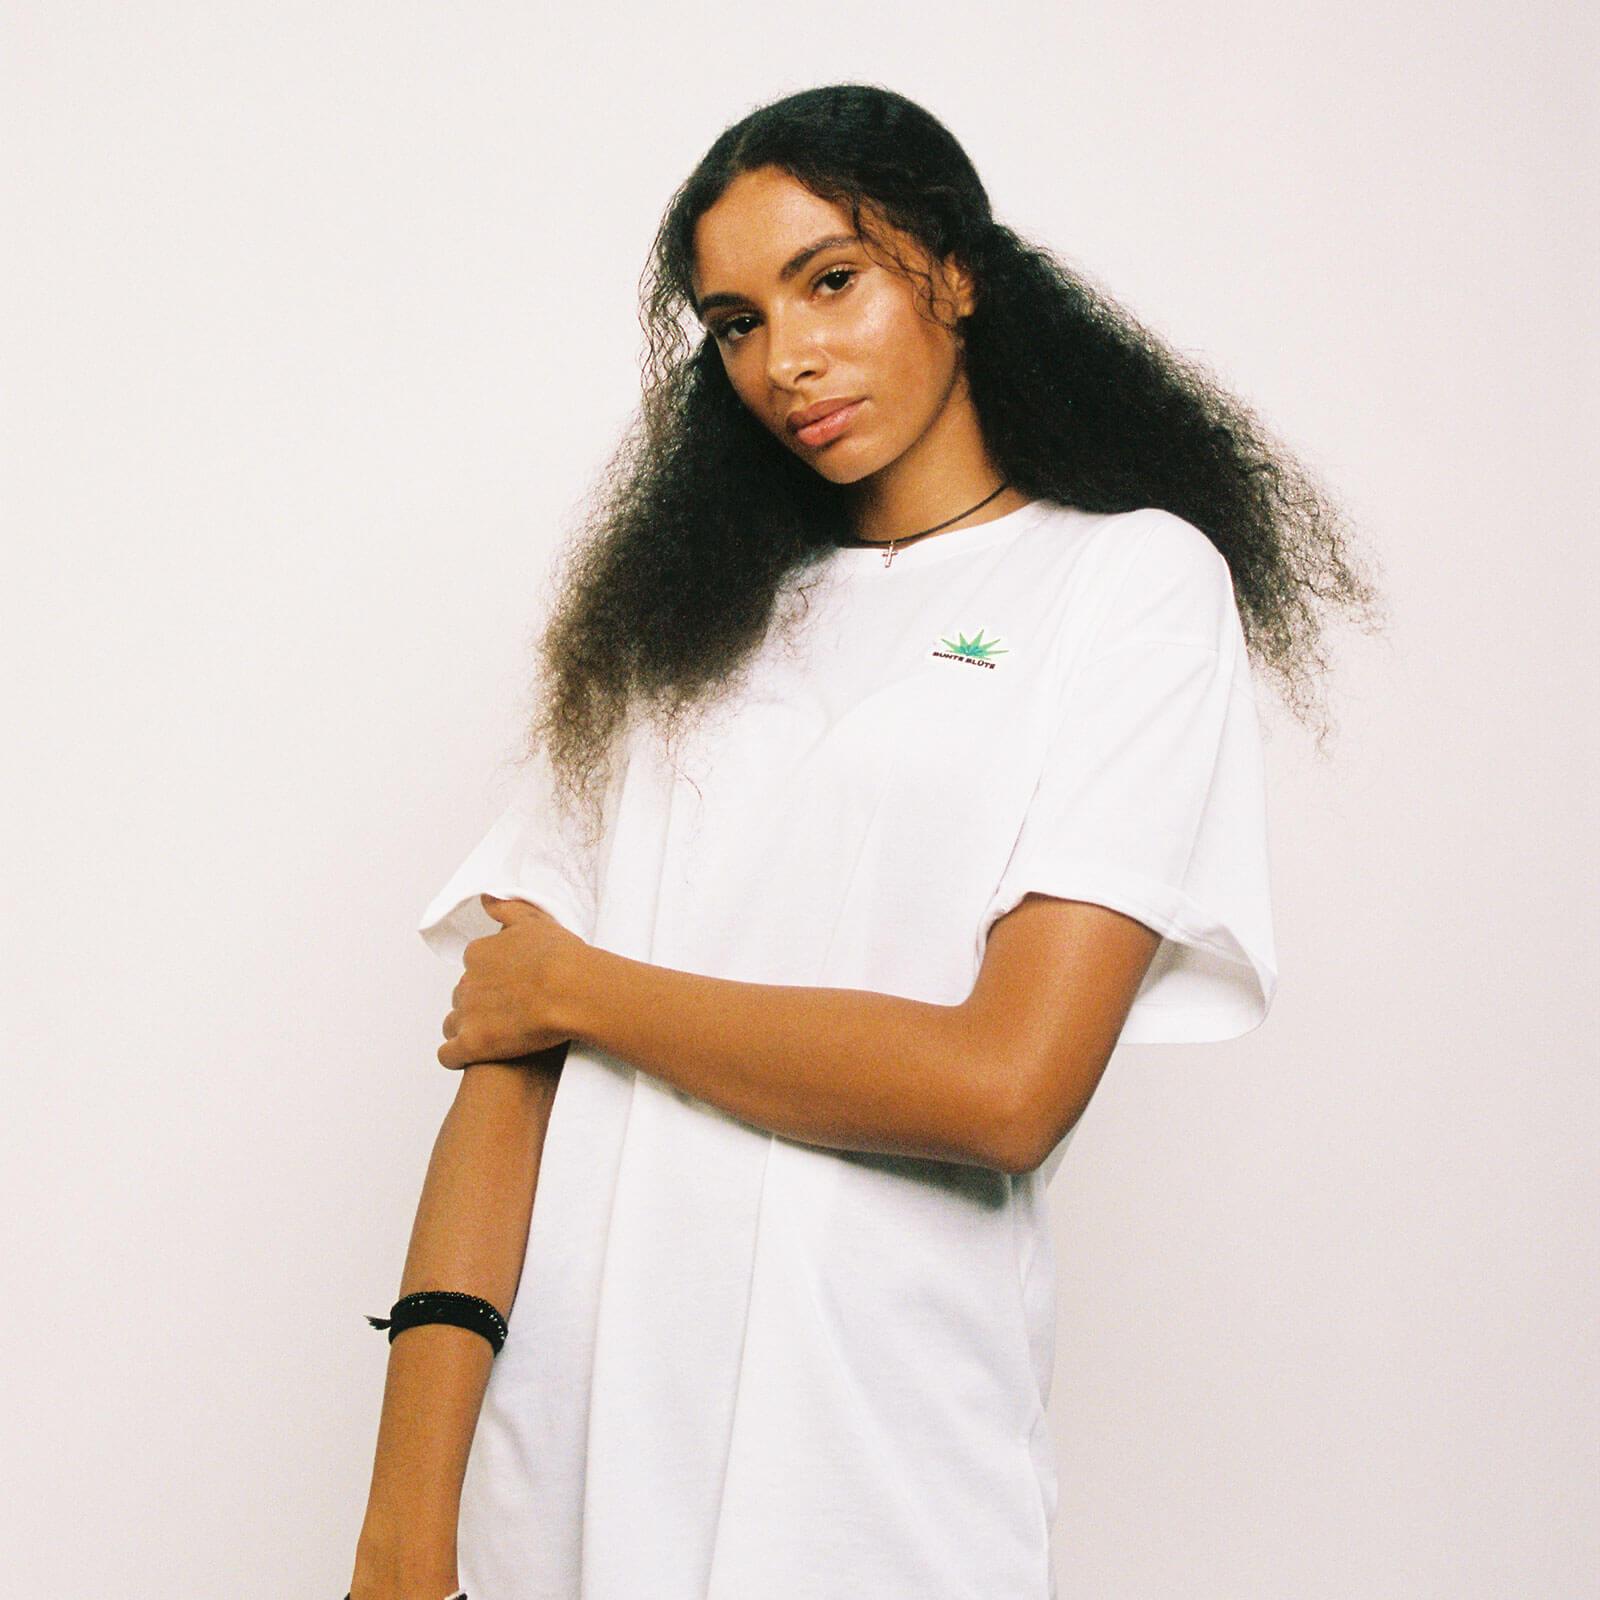 bunte-bluete-cbd-cannabis-merch-tshirt-logo-weiß-damen-vorne-kaufen